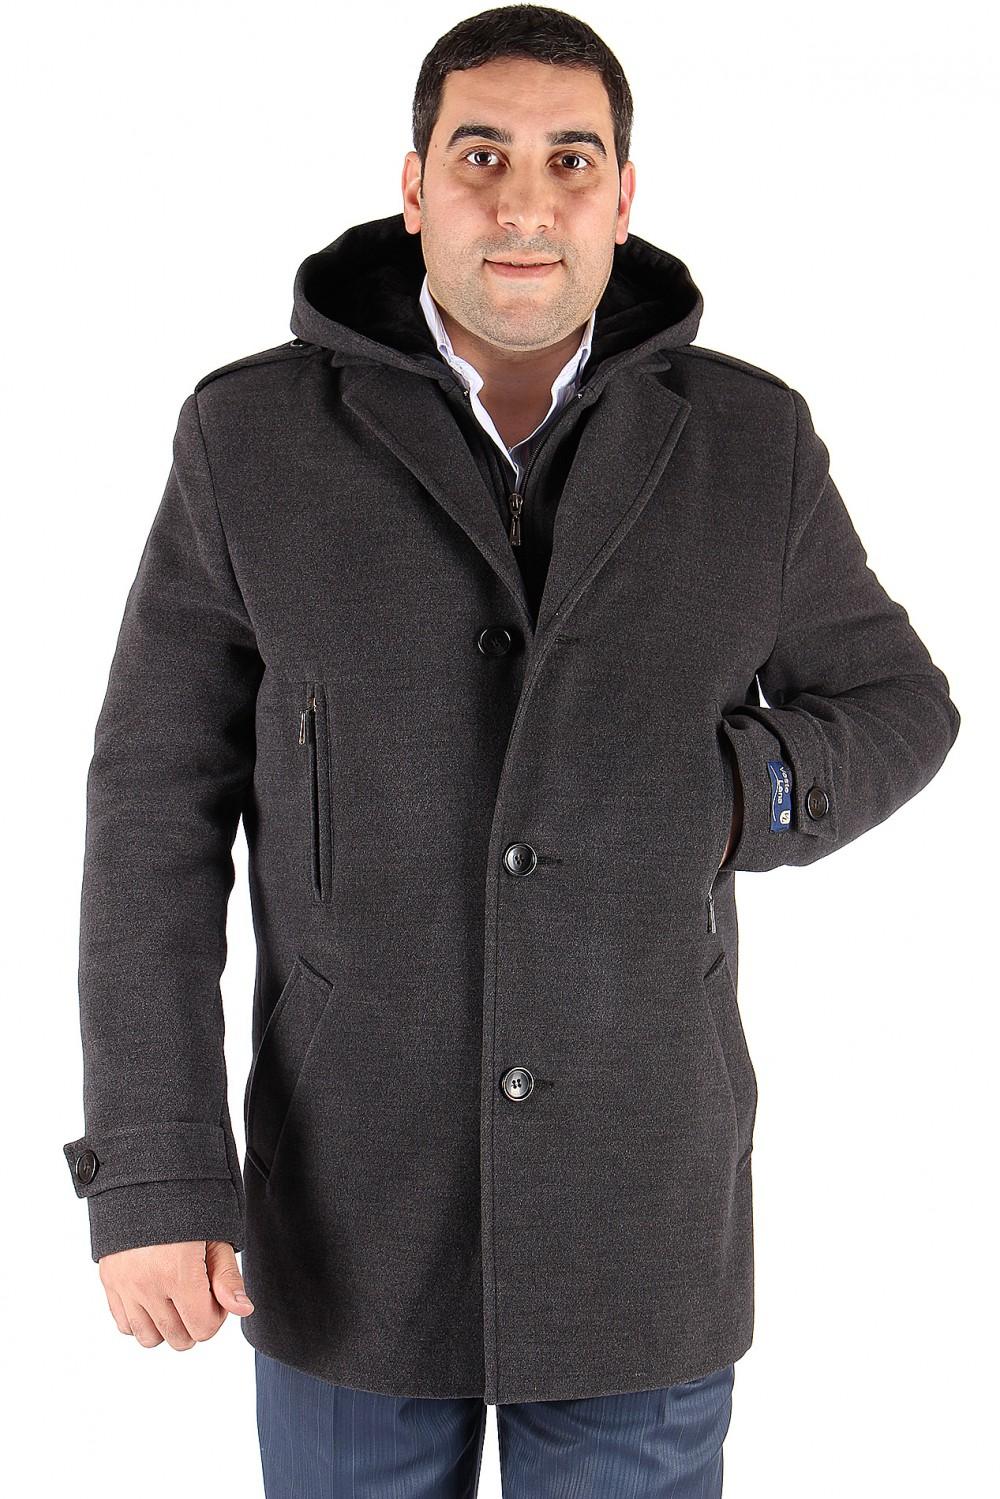 Купить оптом Полупальто мужское серого цвета Мс-01Sr в Казани